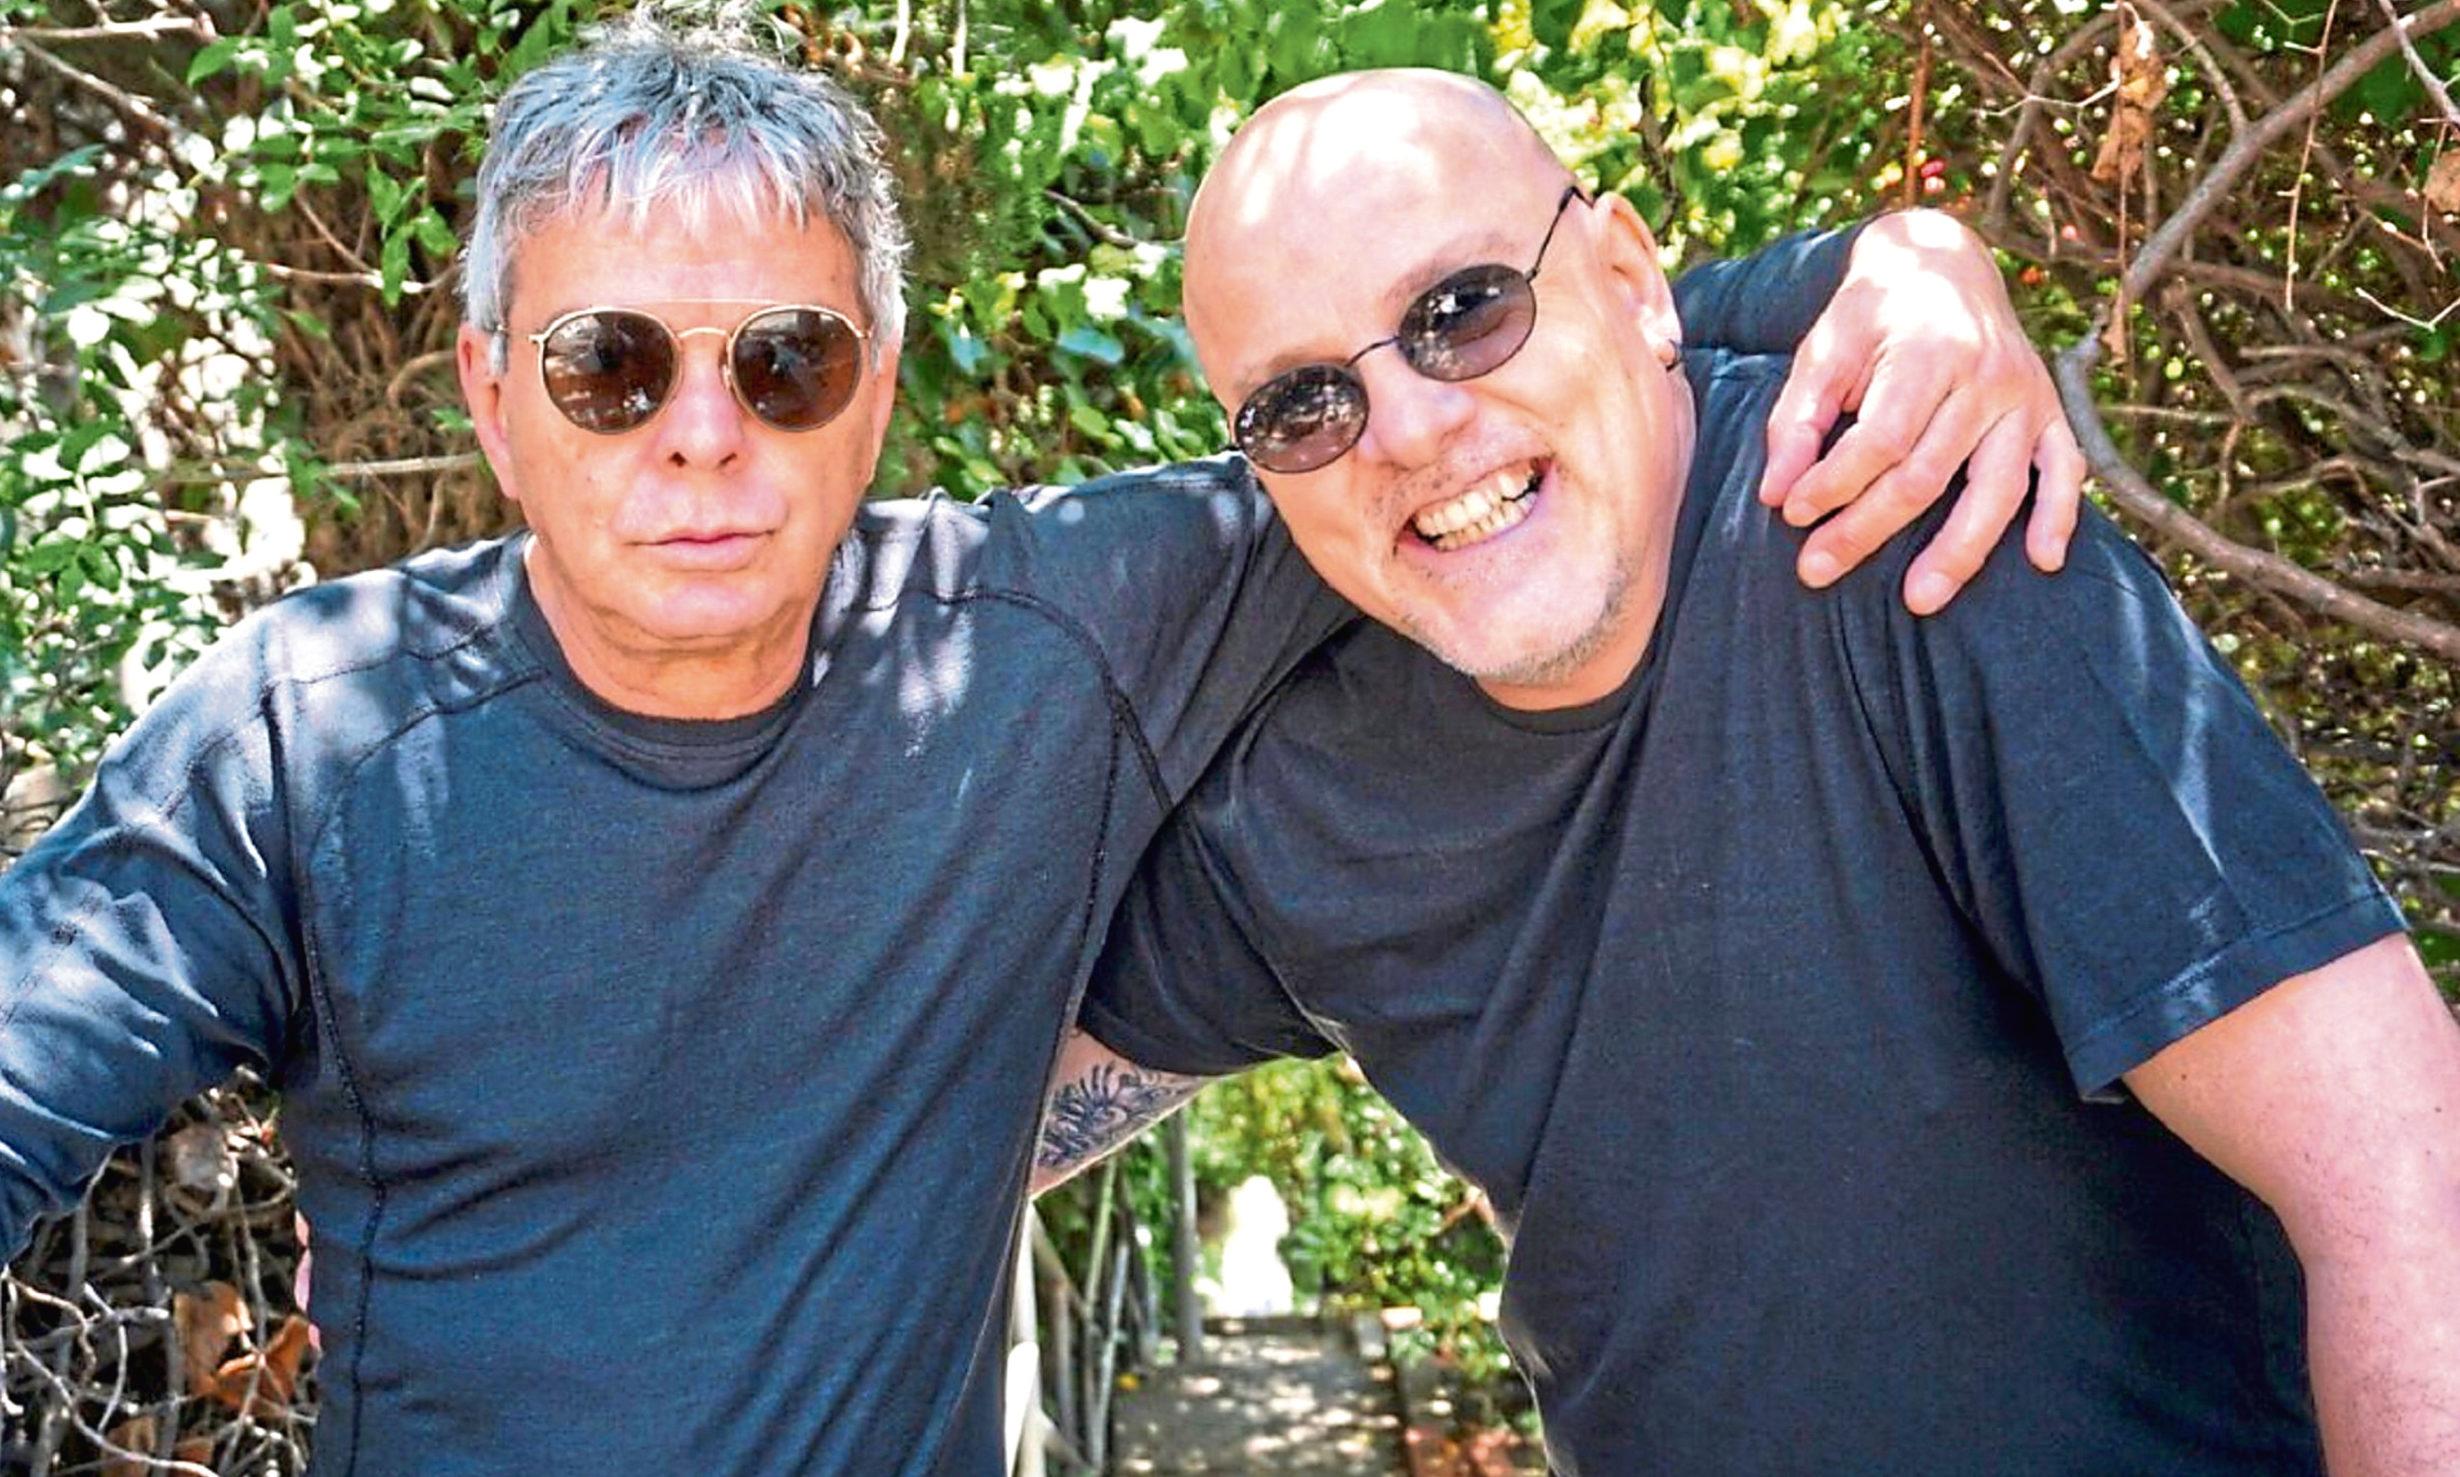 Stranglers duo JJ Burnel and Baz Warne.